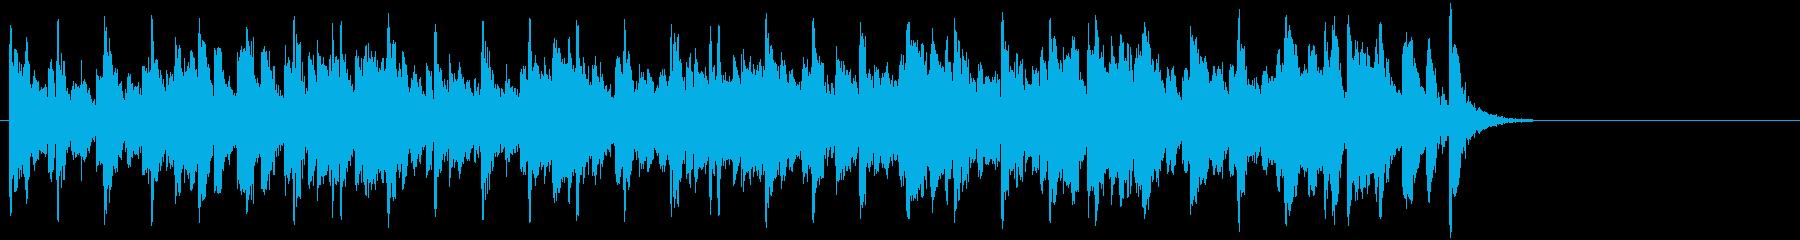 ほのぼのしたポップジャズ(Aメロ~サビ)の再生済みの波形